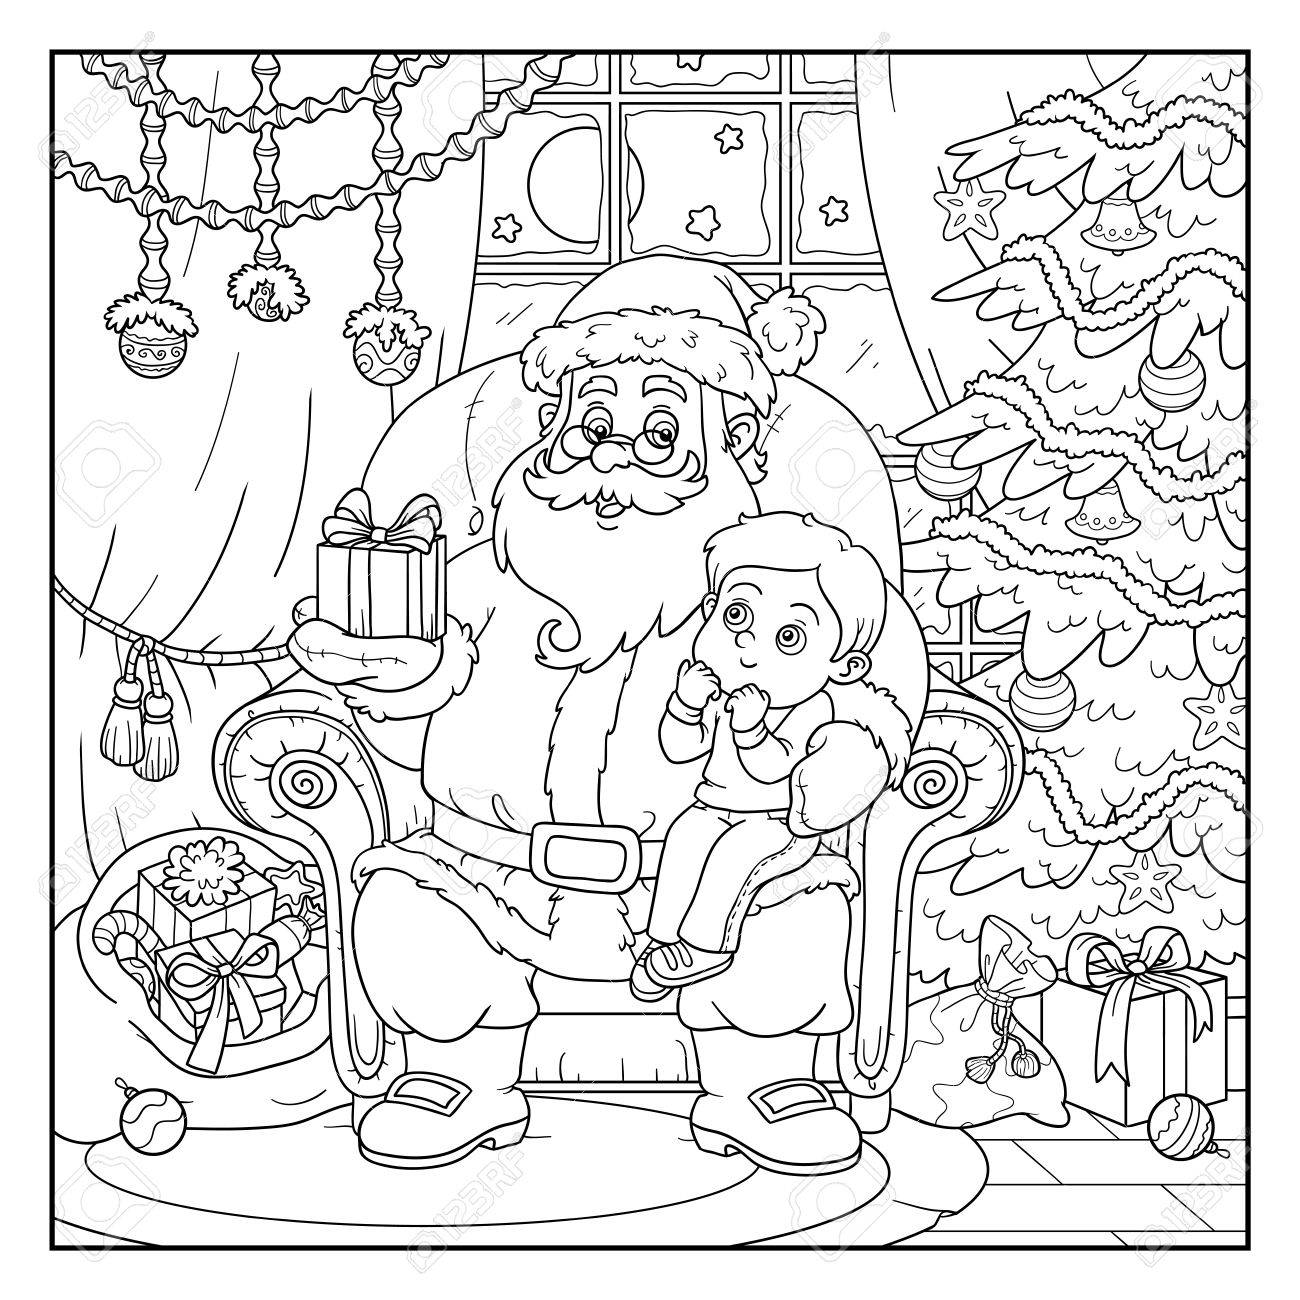 Immagini Da Colorare Babbo Natale.Libro Da Colorare Giochi Per Bambini Babbo Natale Da Un Regalo Un Bambino